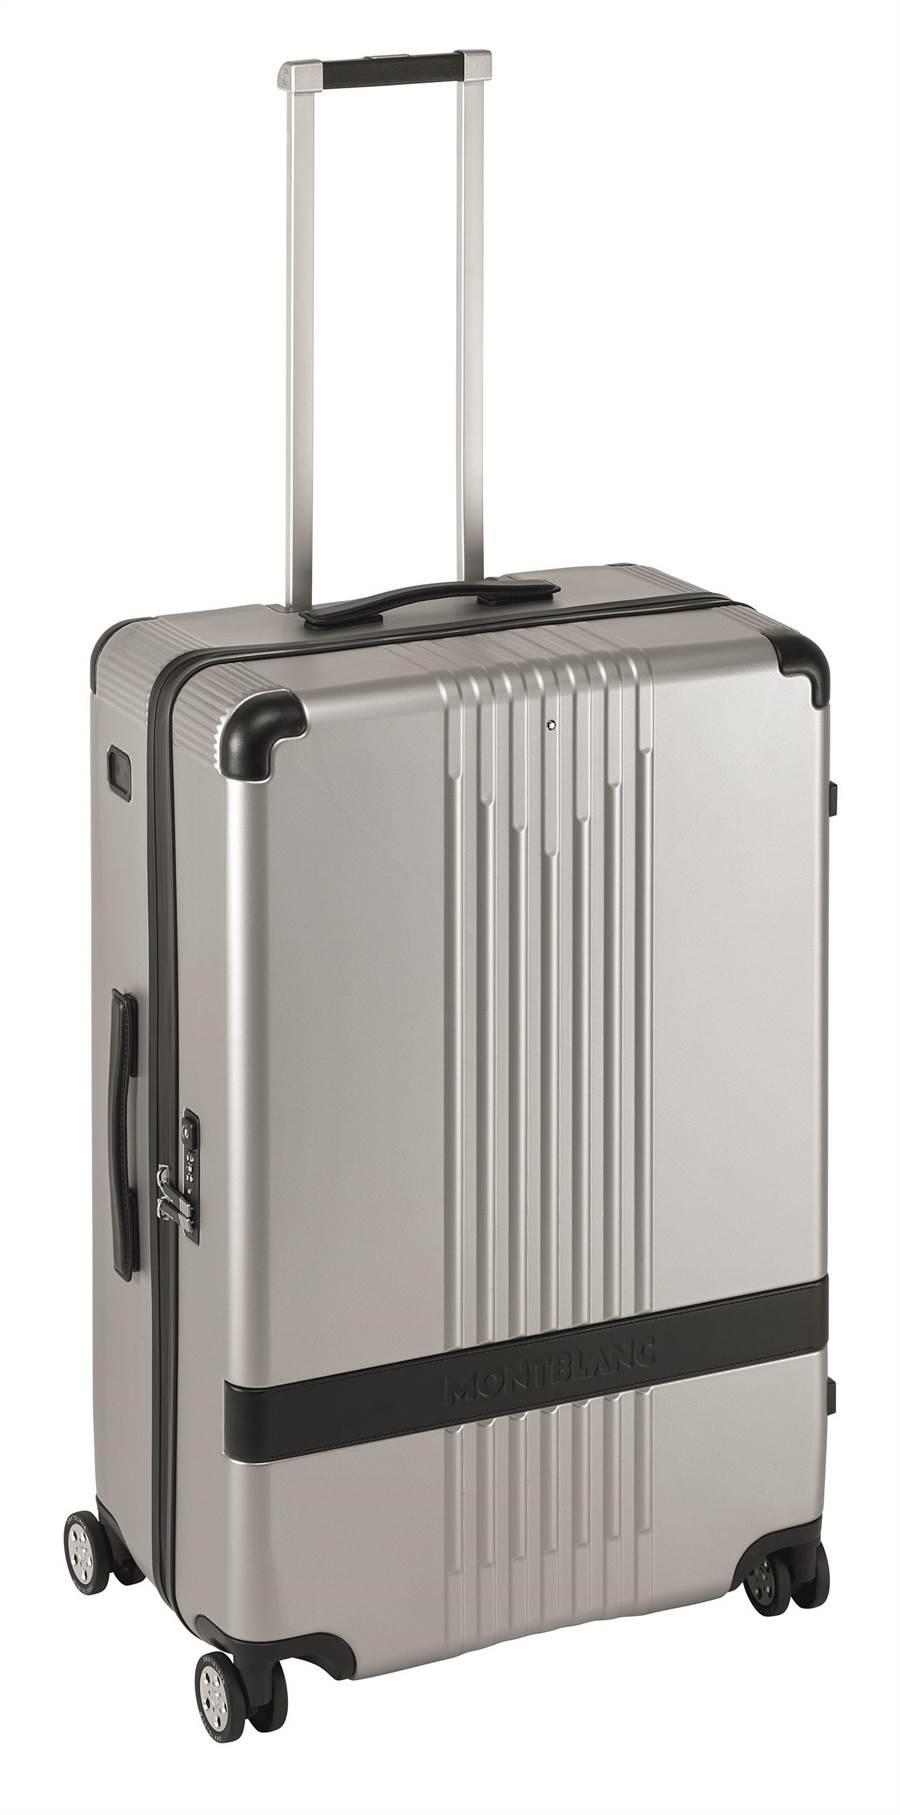 萬寶龍#MY4810系列銀色中型行李箱,2萬8800元。(MONTBLANC提供)